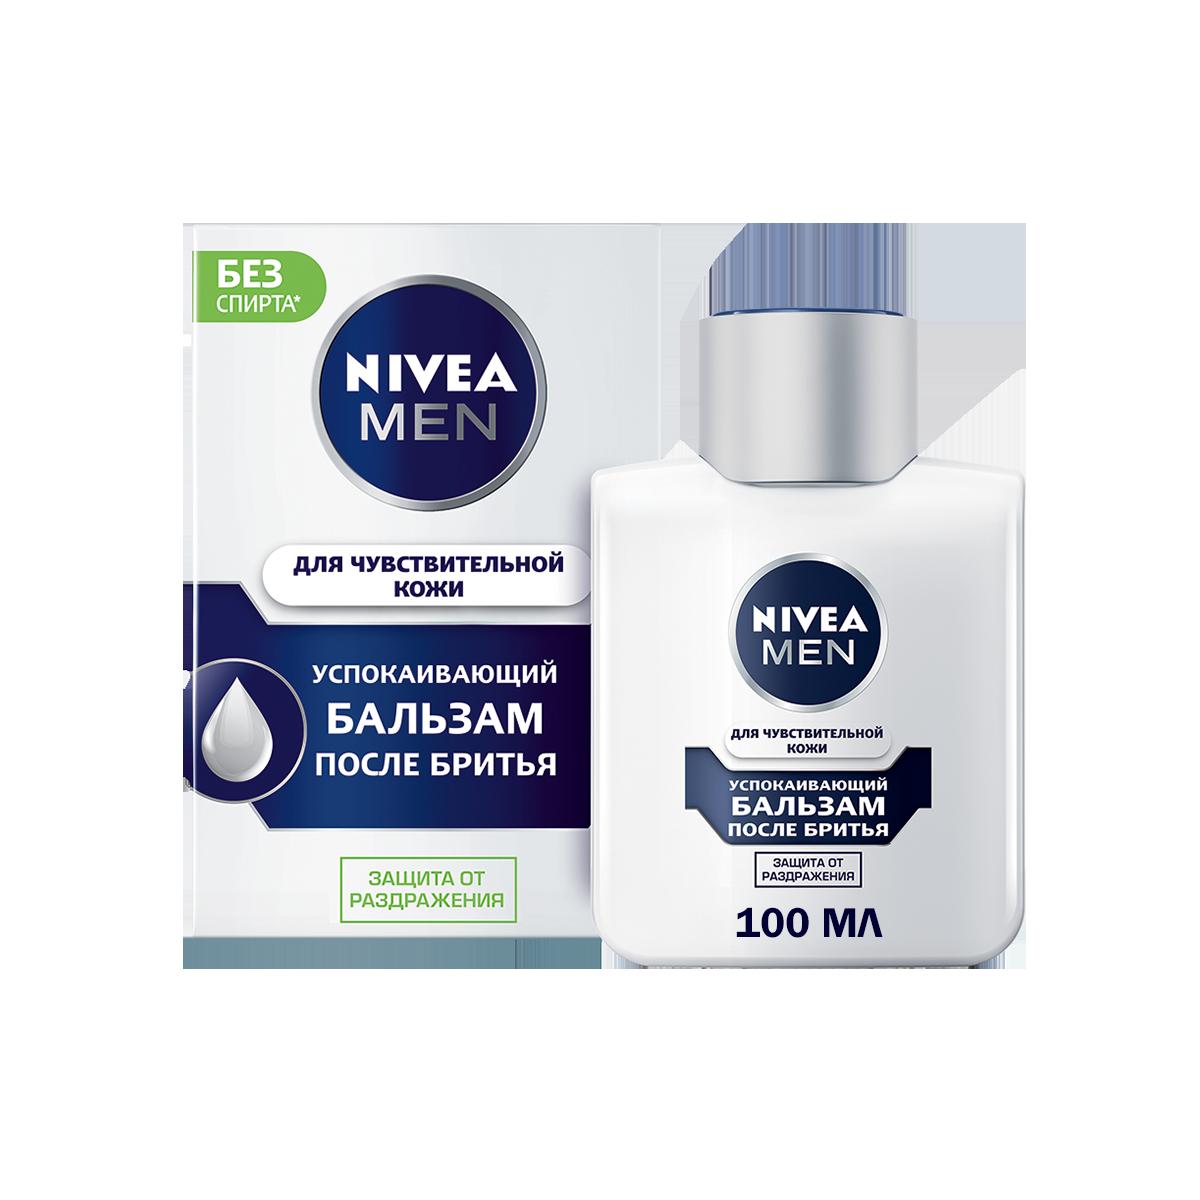 Купить Бальзам после бритья NIVEA для чувствительной кожи 100 мл, бальзам после бритья 100 мл